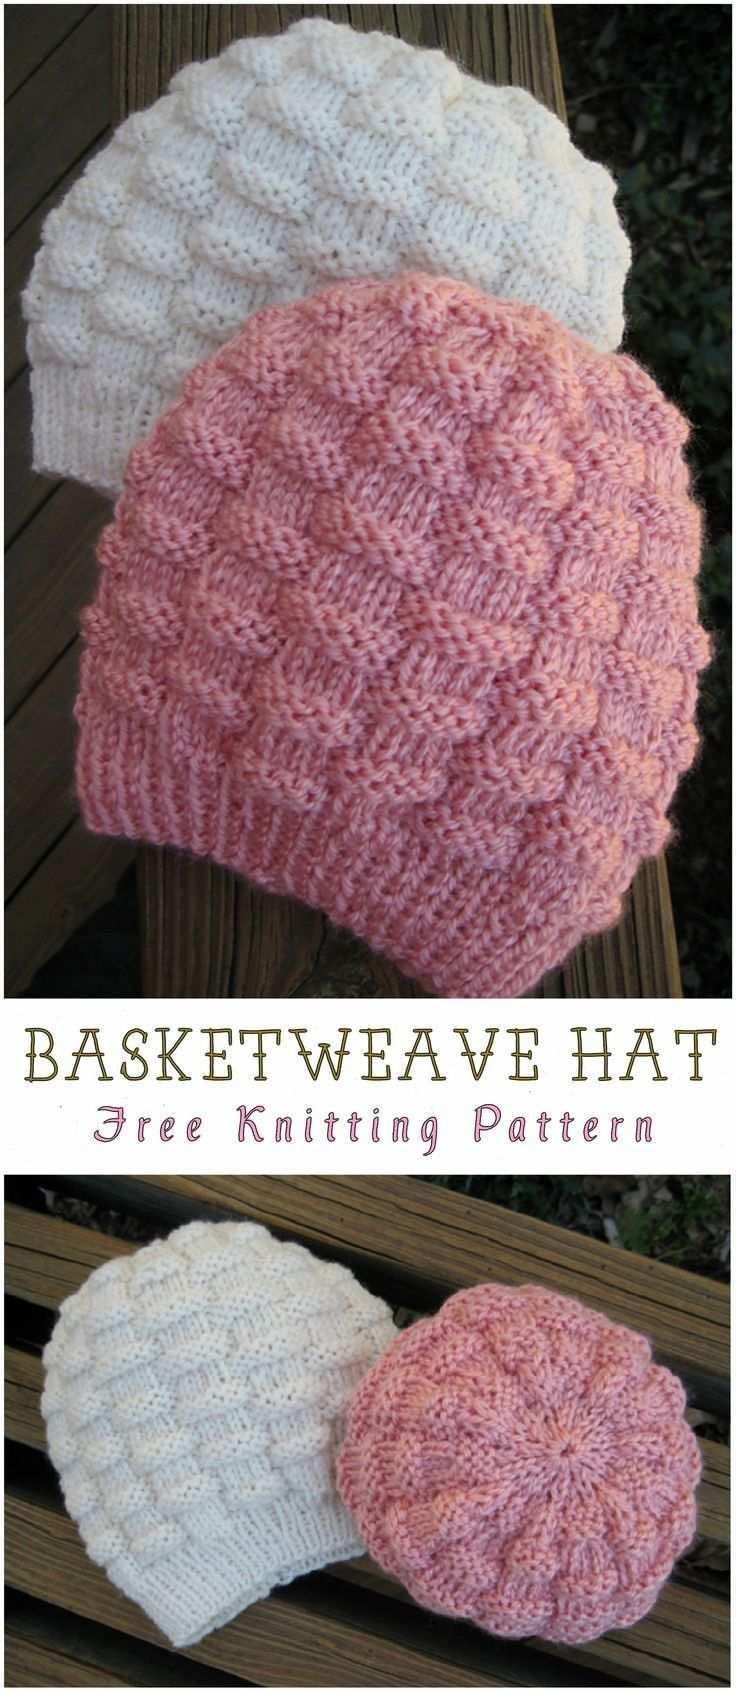 Basketweave Hat Free Knitting Pattern Basketweave Free Hat Knitting Pat Knitting Patterns Free Hats Crochet Beanie Hat Free Pattern Basket Weave Crochet